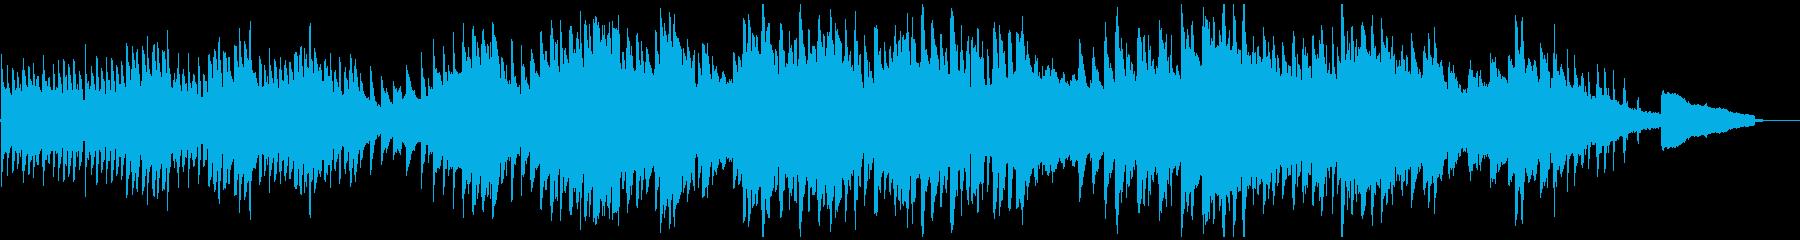 映像・ナレーション用ピアノ演奏(孤独)の再生済みの波形